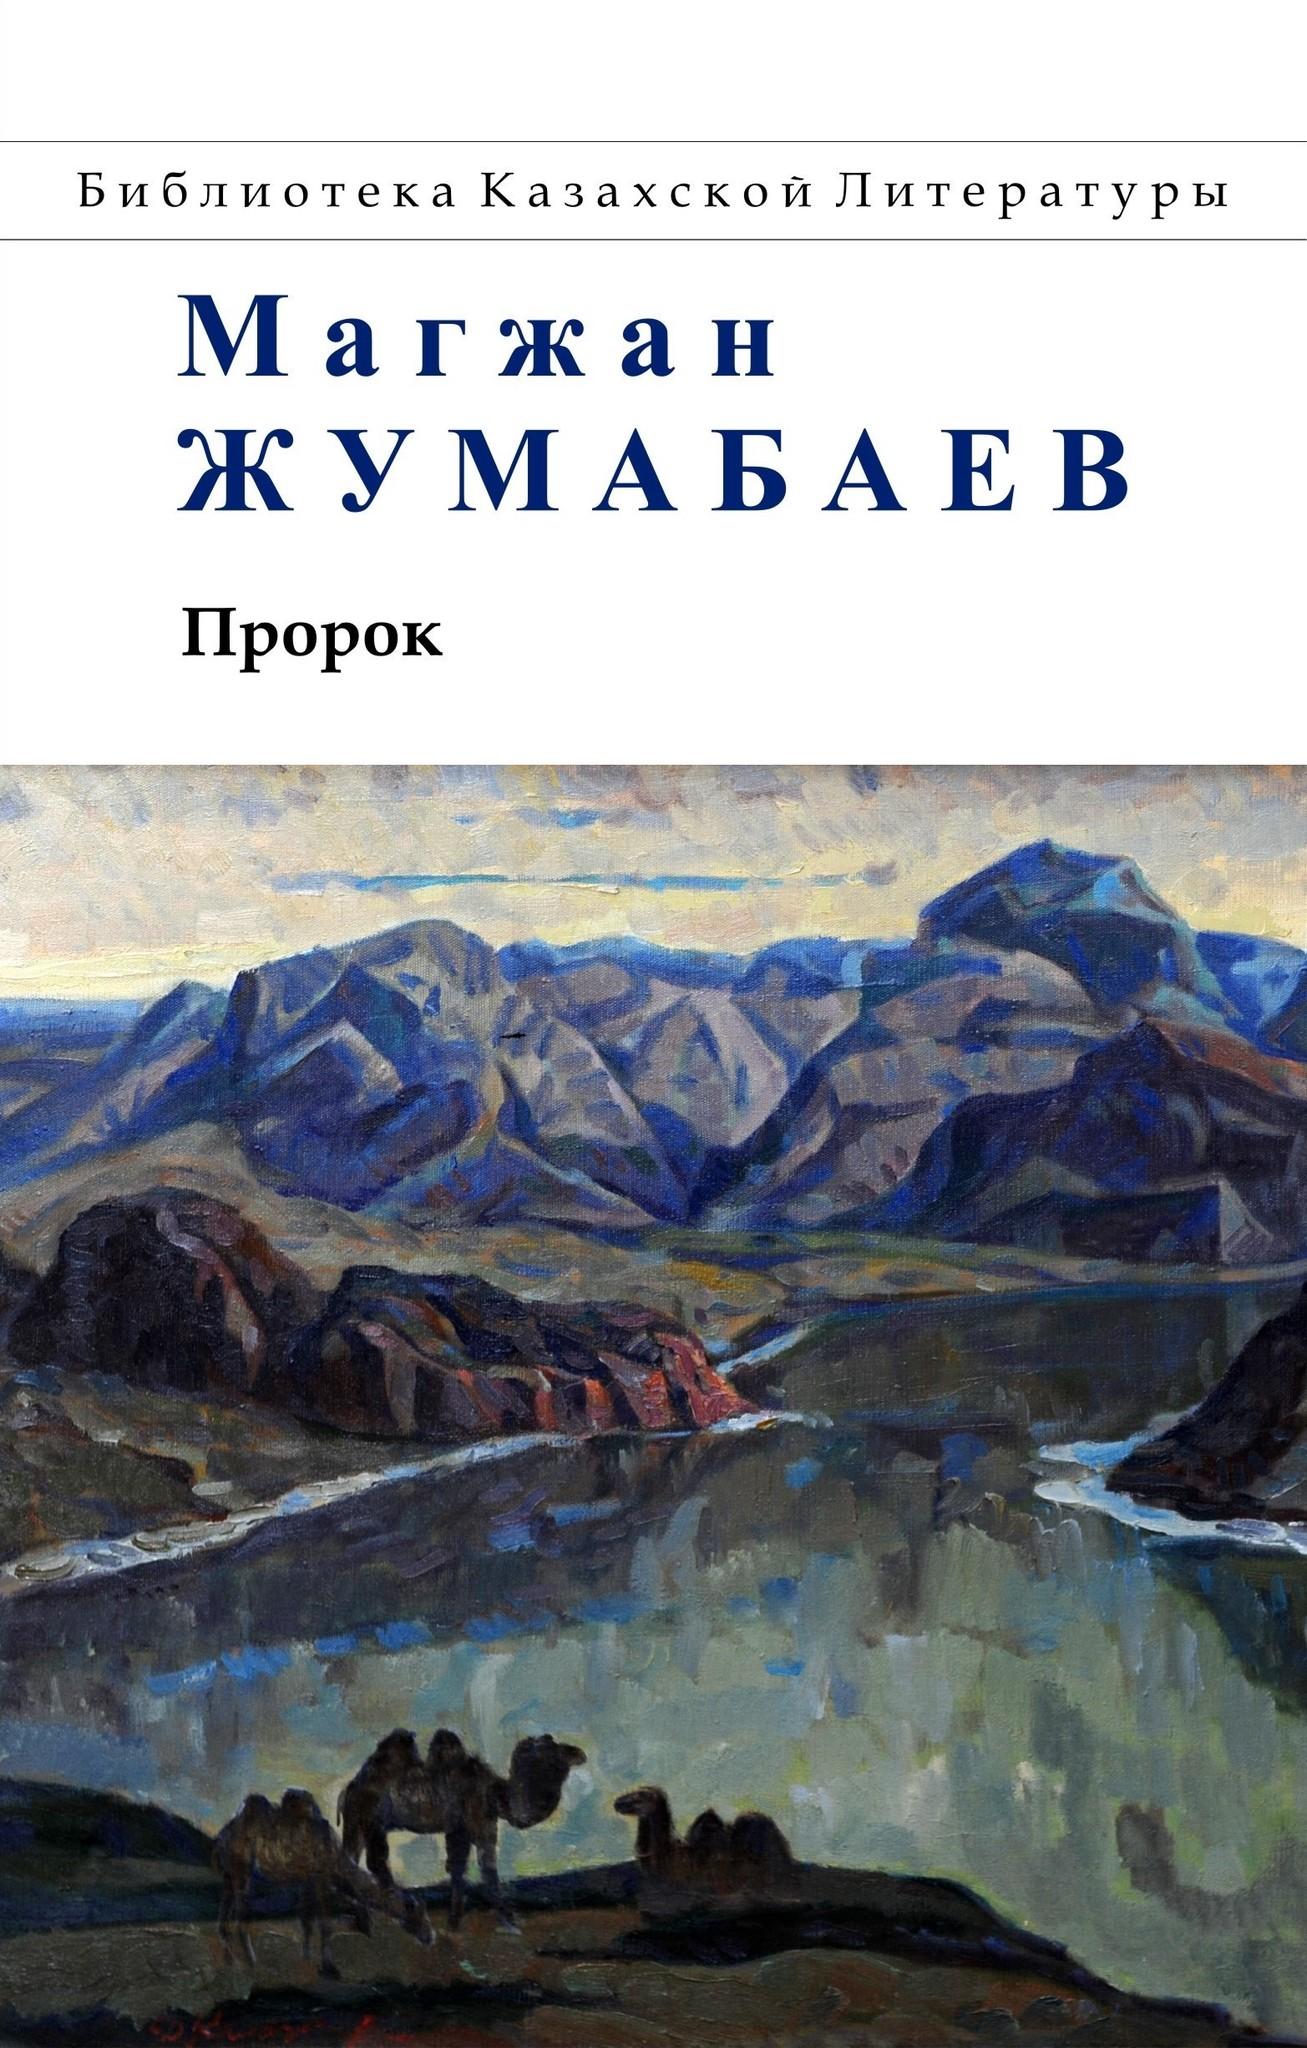 Пророк. Стихи, поэмы, рассказ. Магжан Жумабаев